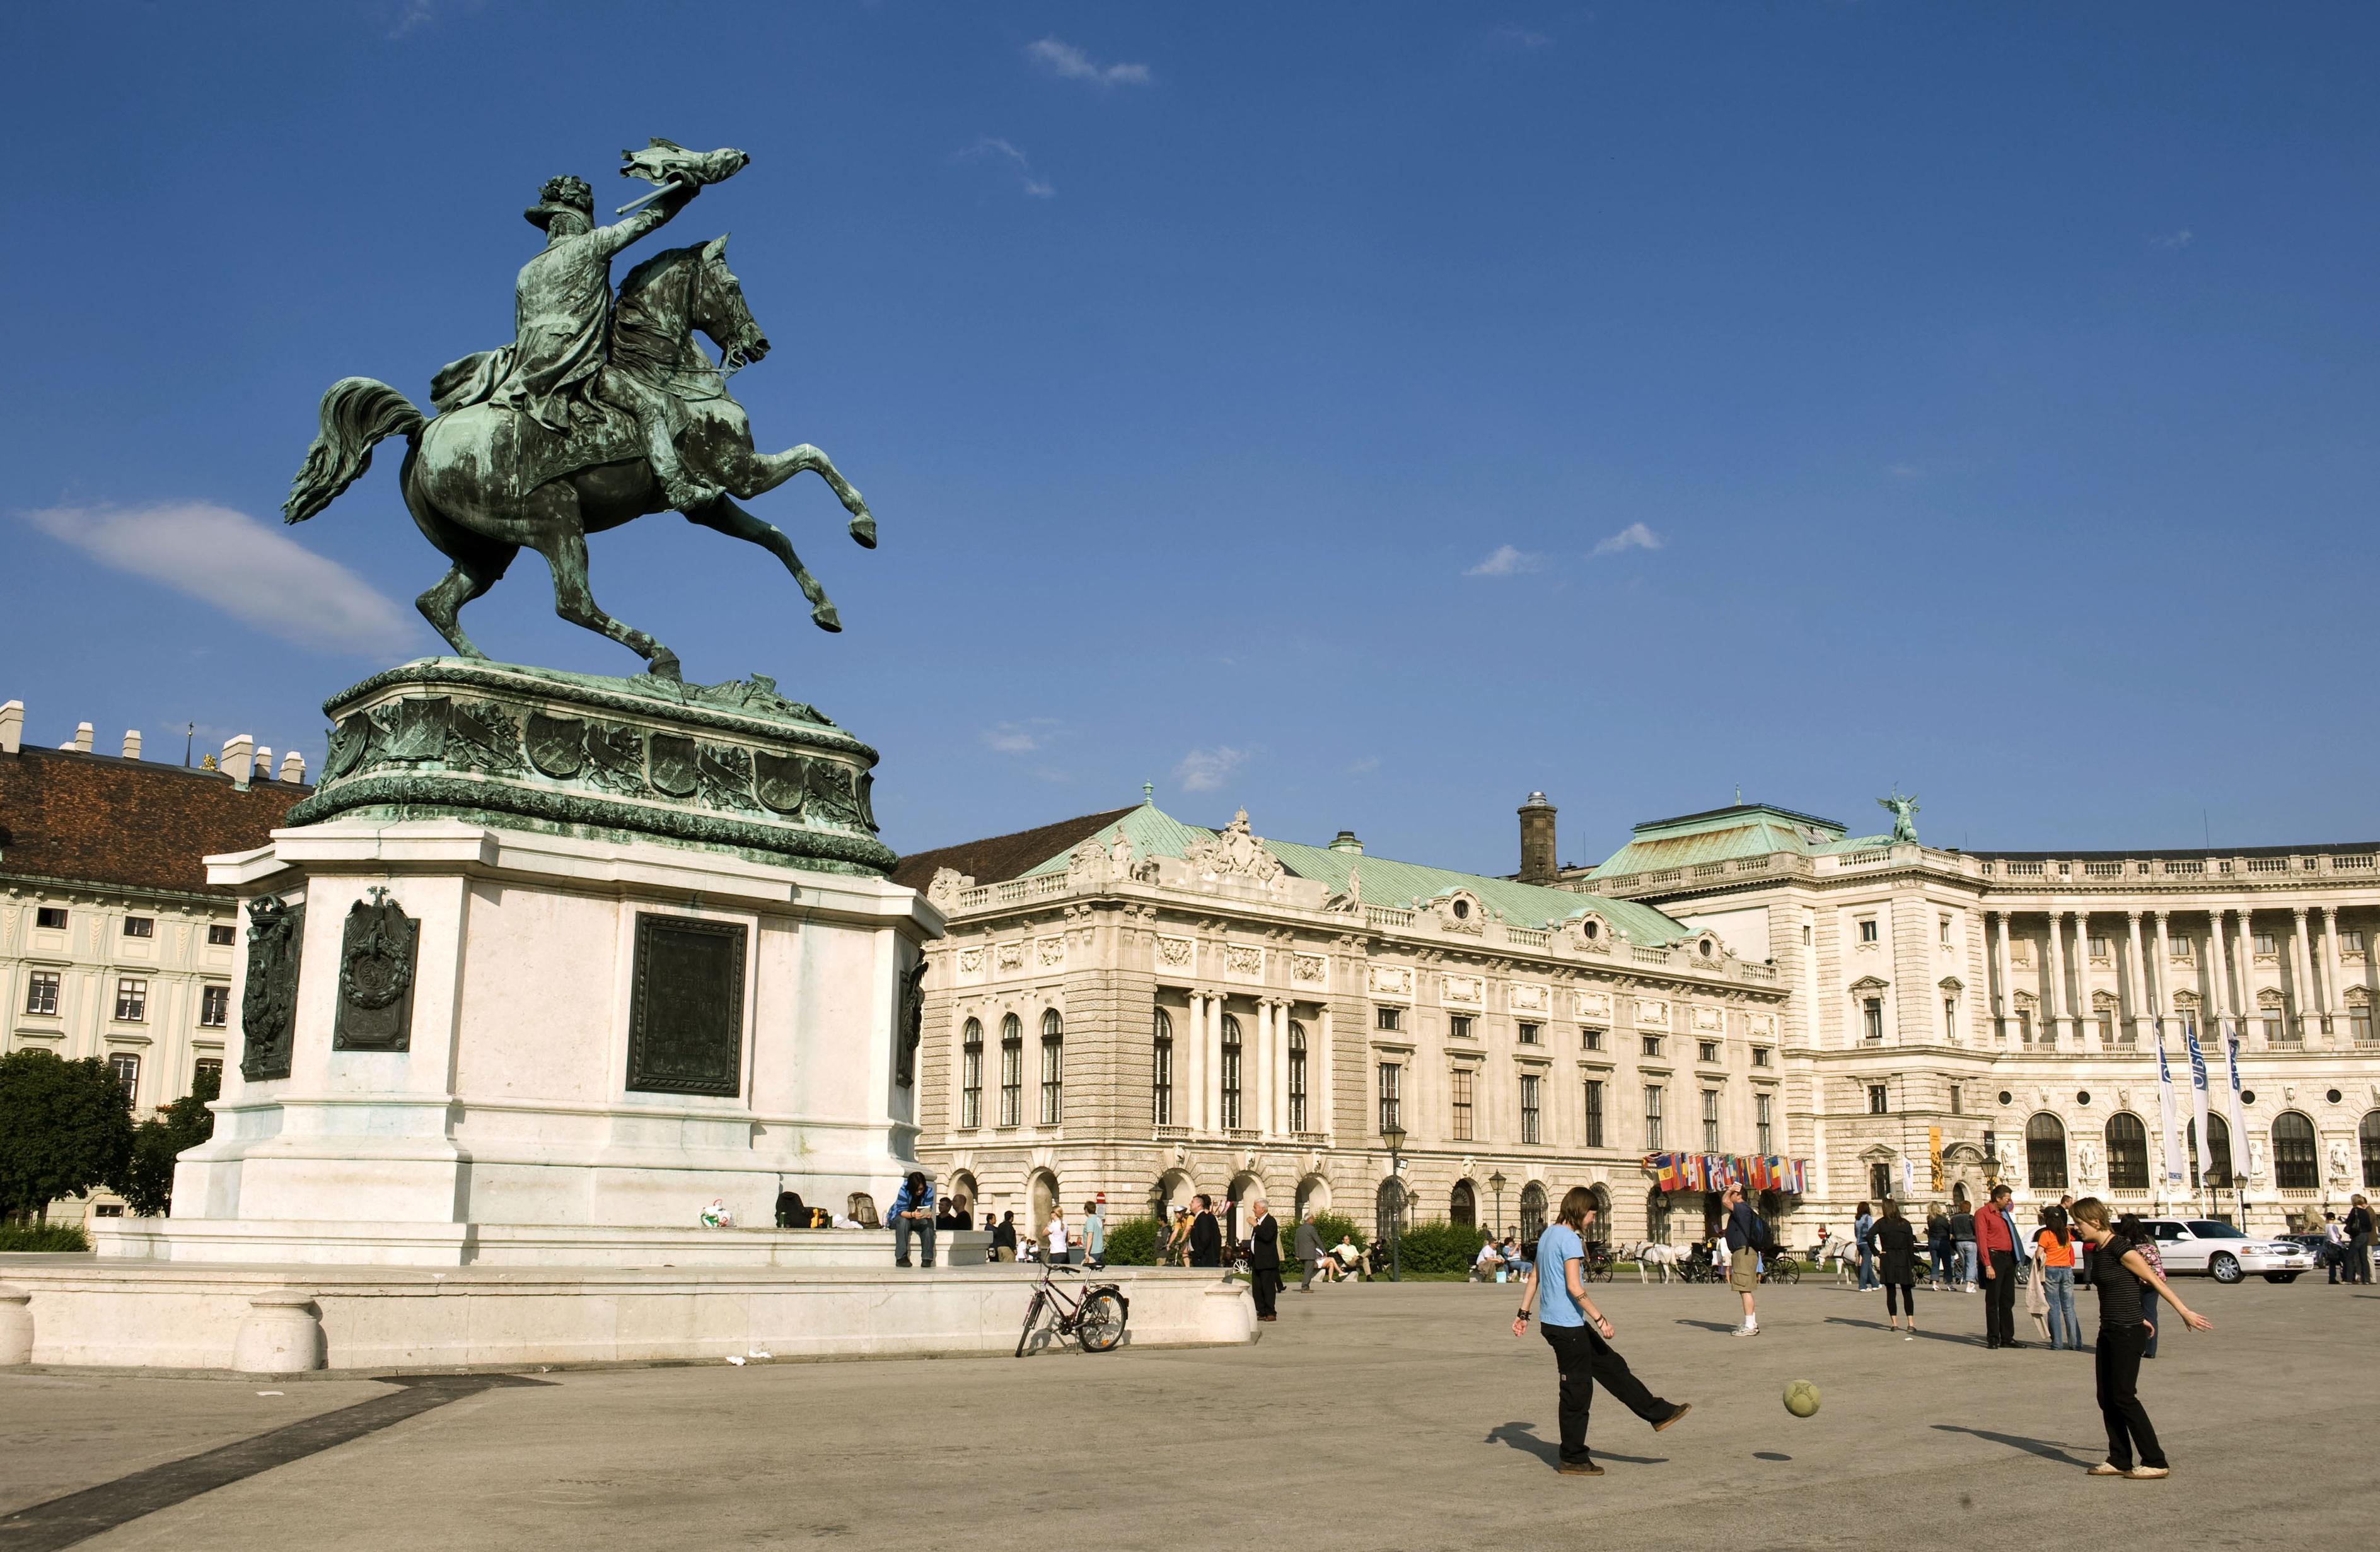 14 és 15 éves, gyermekotthonból megszökött lányokat vittek ki prostituáltnak Bécsbe